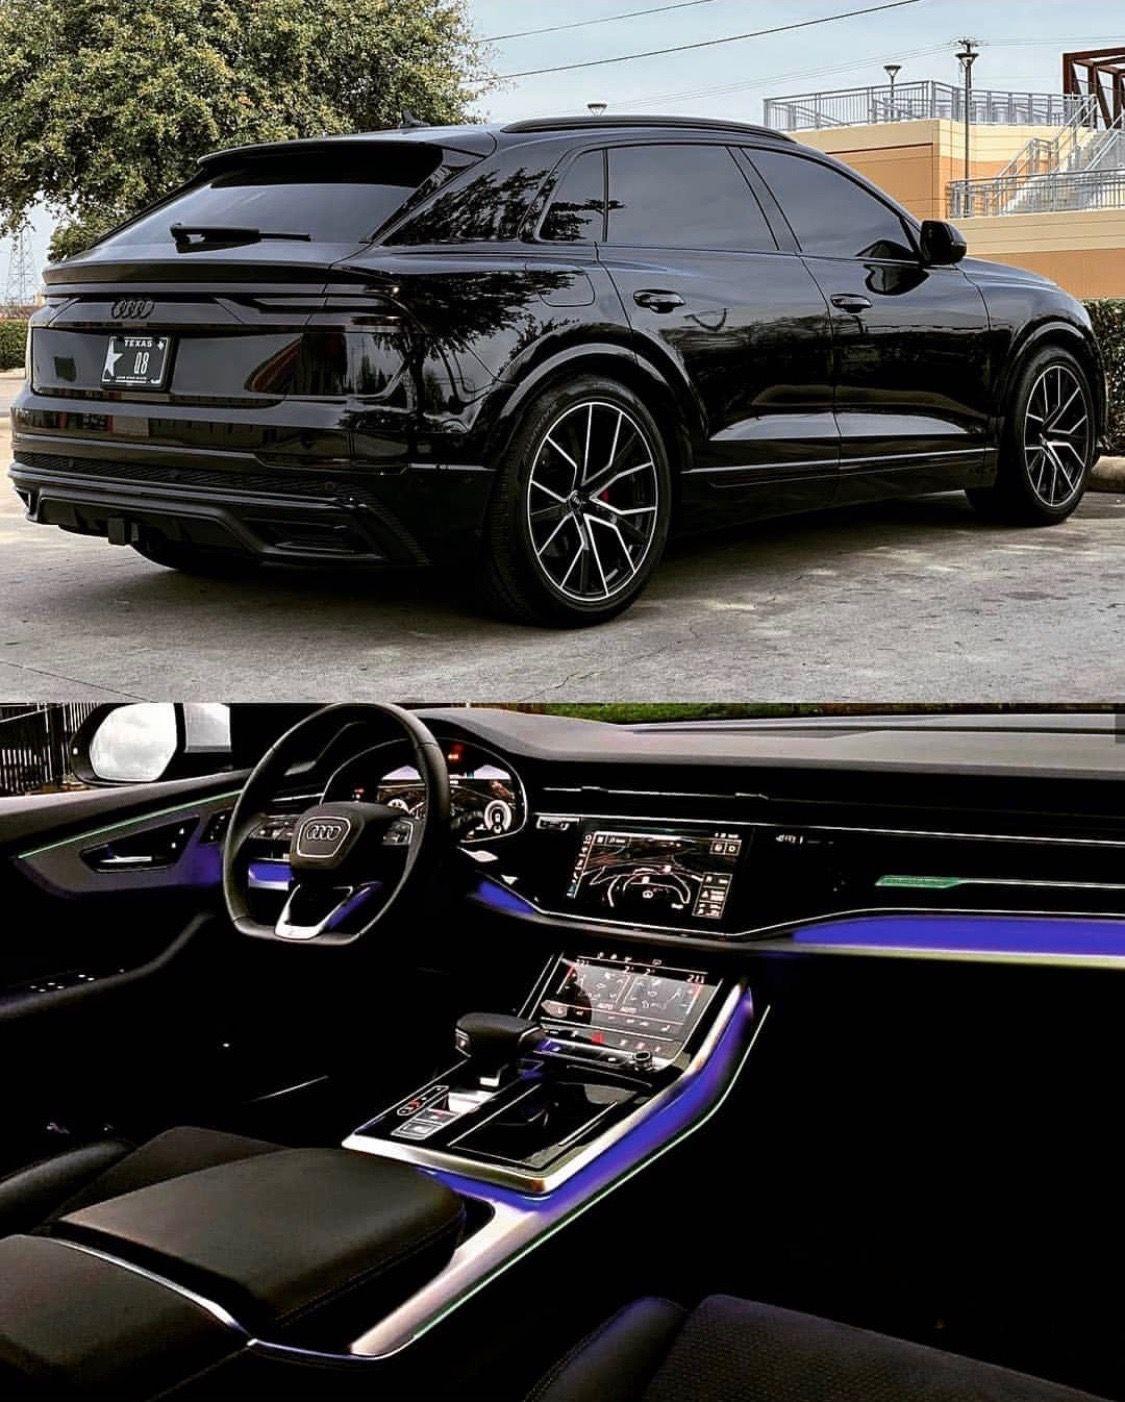 2019 Audi Q8 Black Black Led Interior En 2020 Con Imagenes